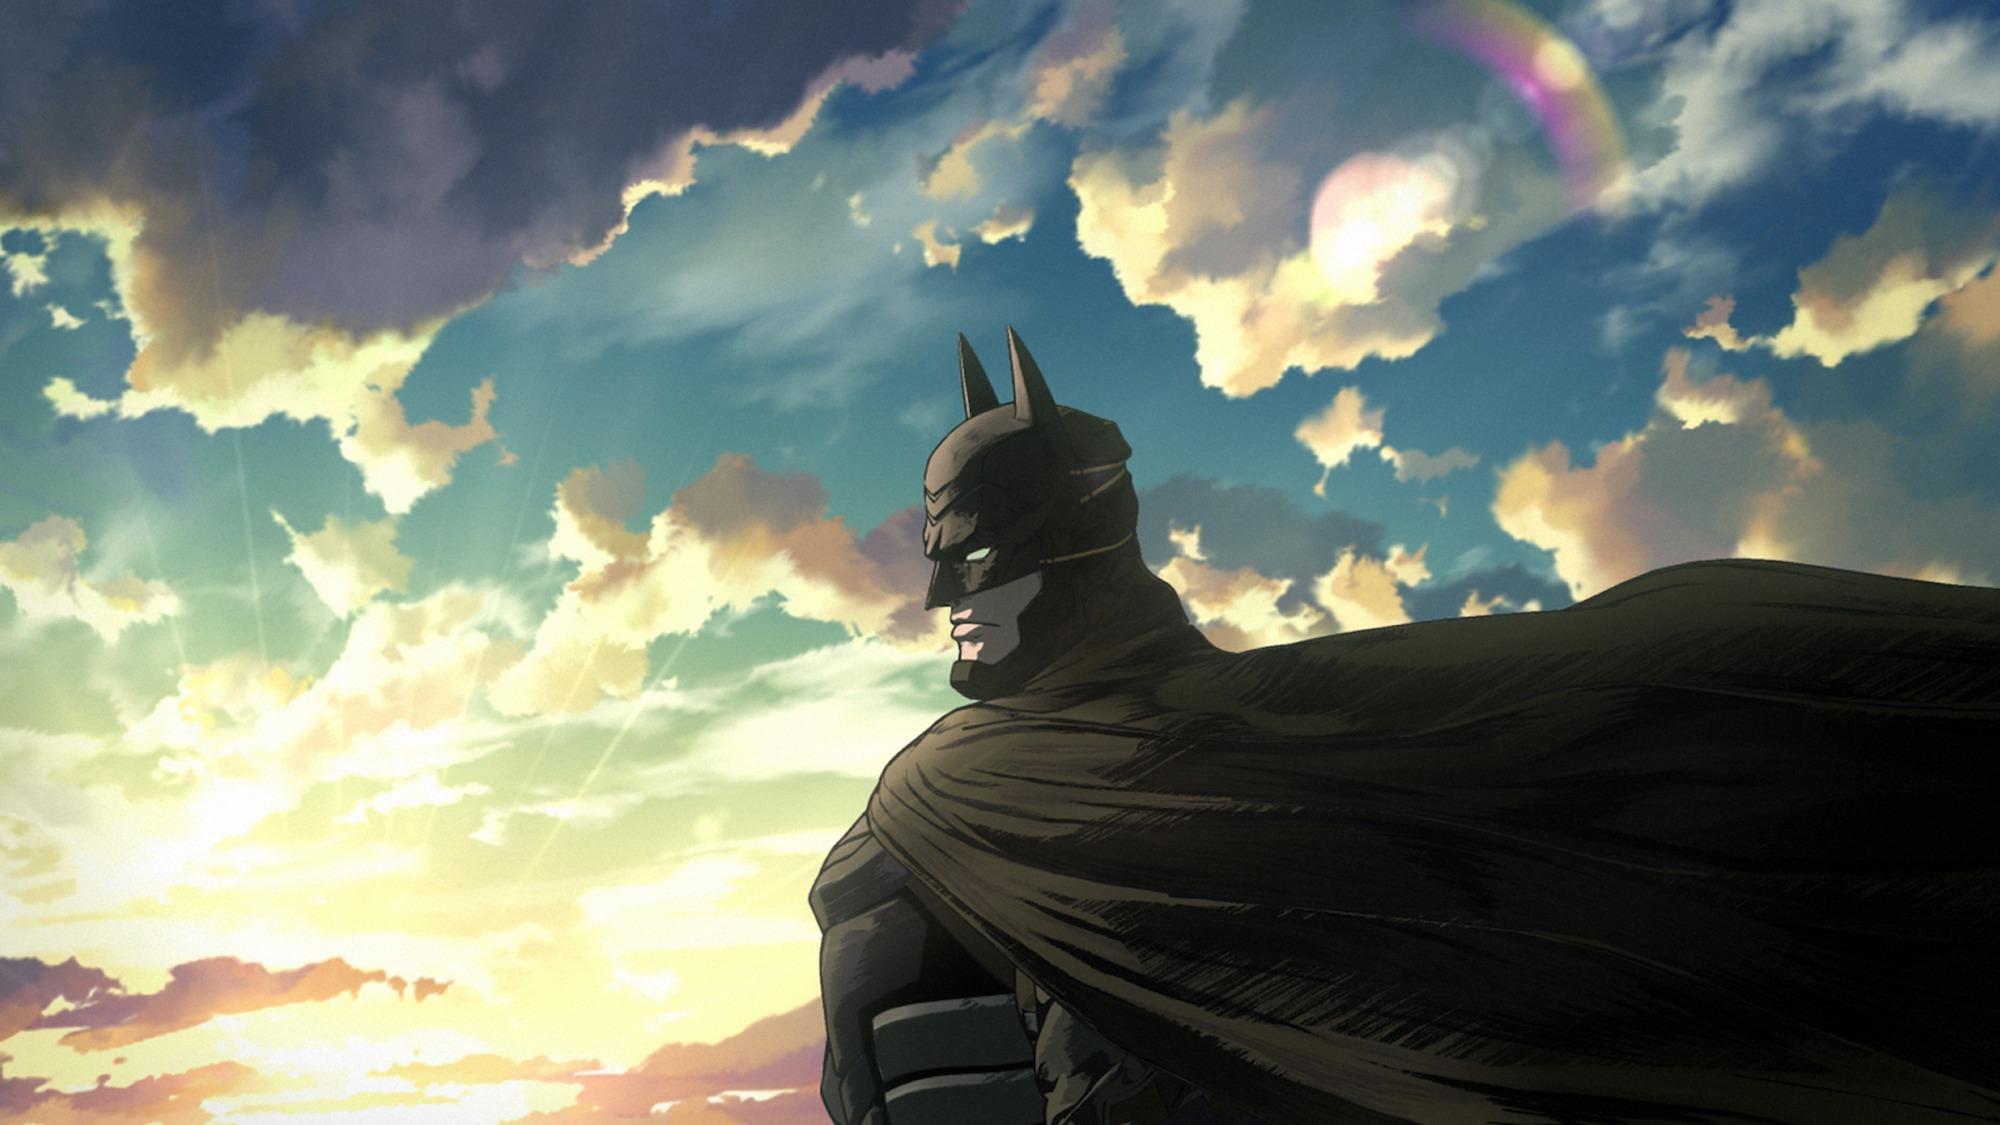 Il Cavaliere Oscuro torna come non l'avete mai visto